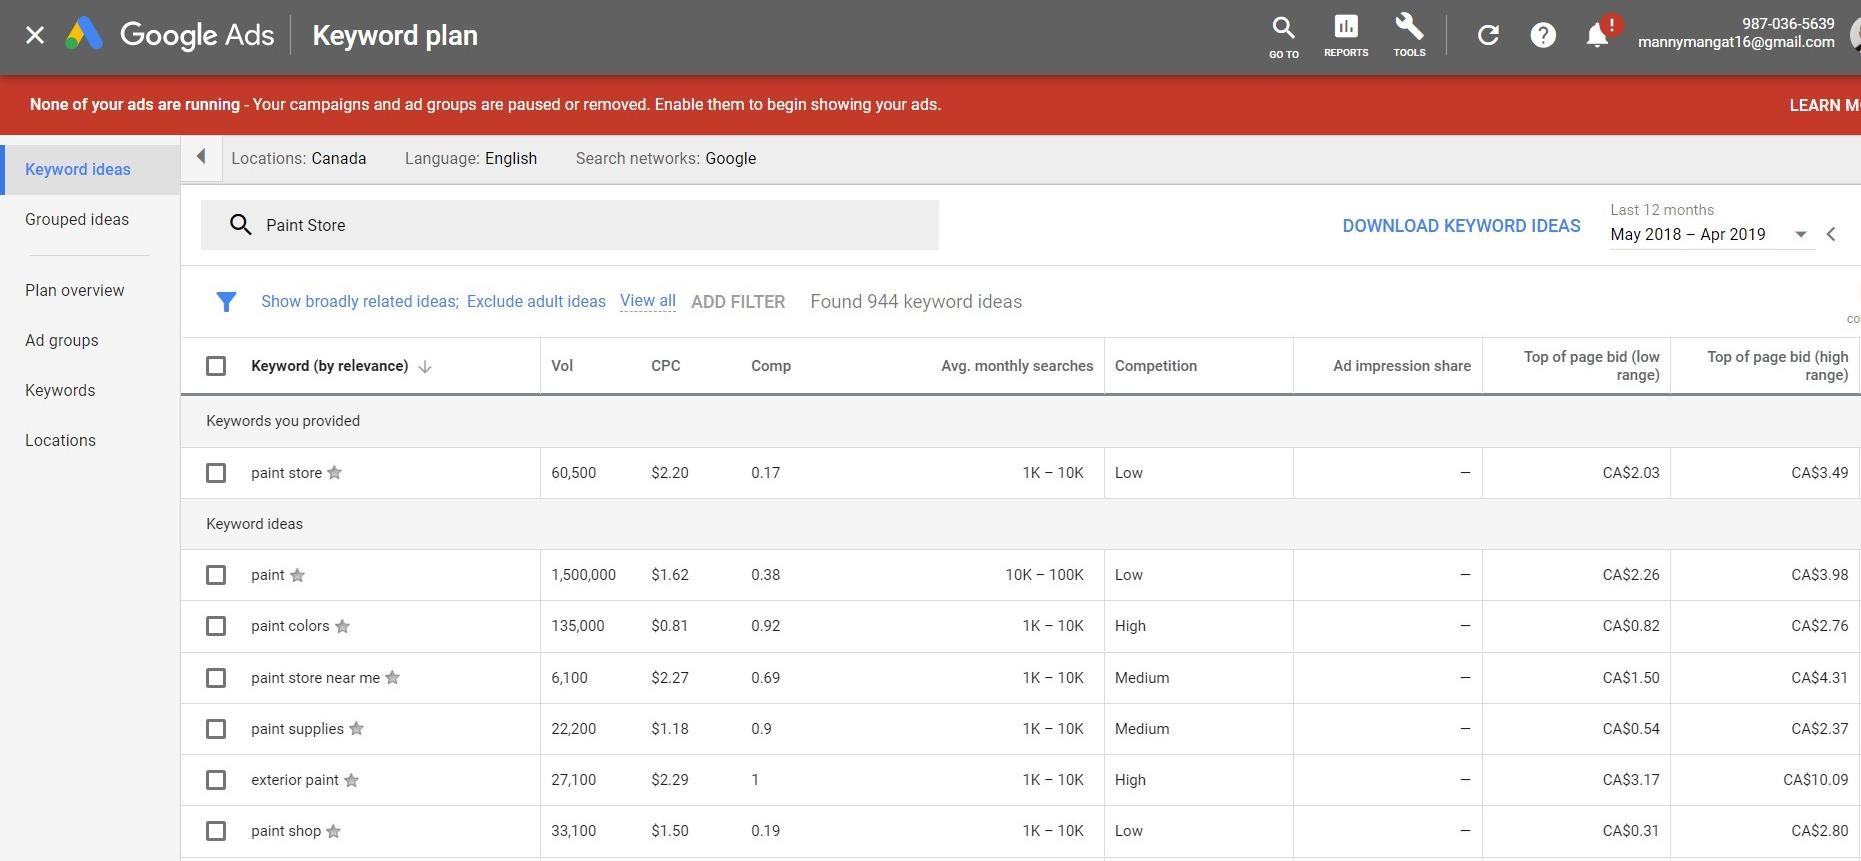 google keyword planner keyword list